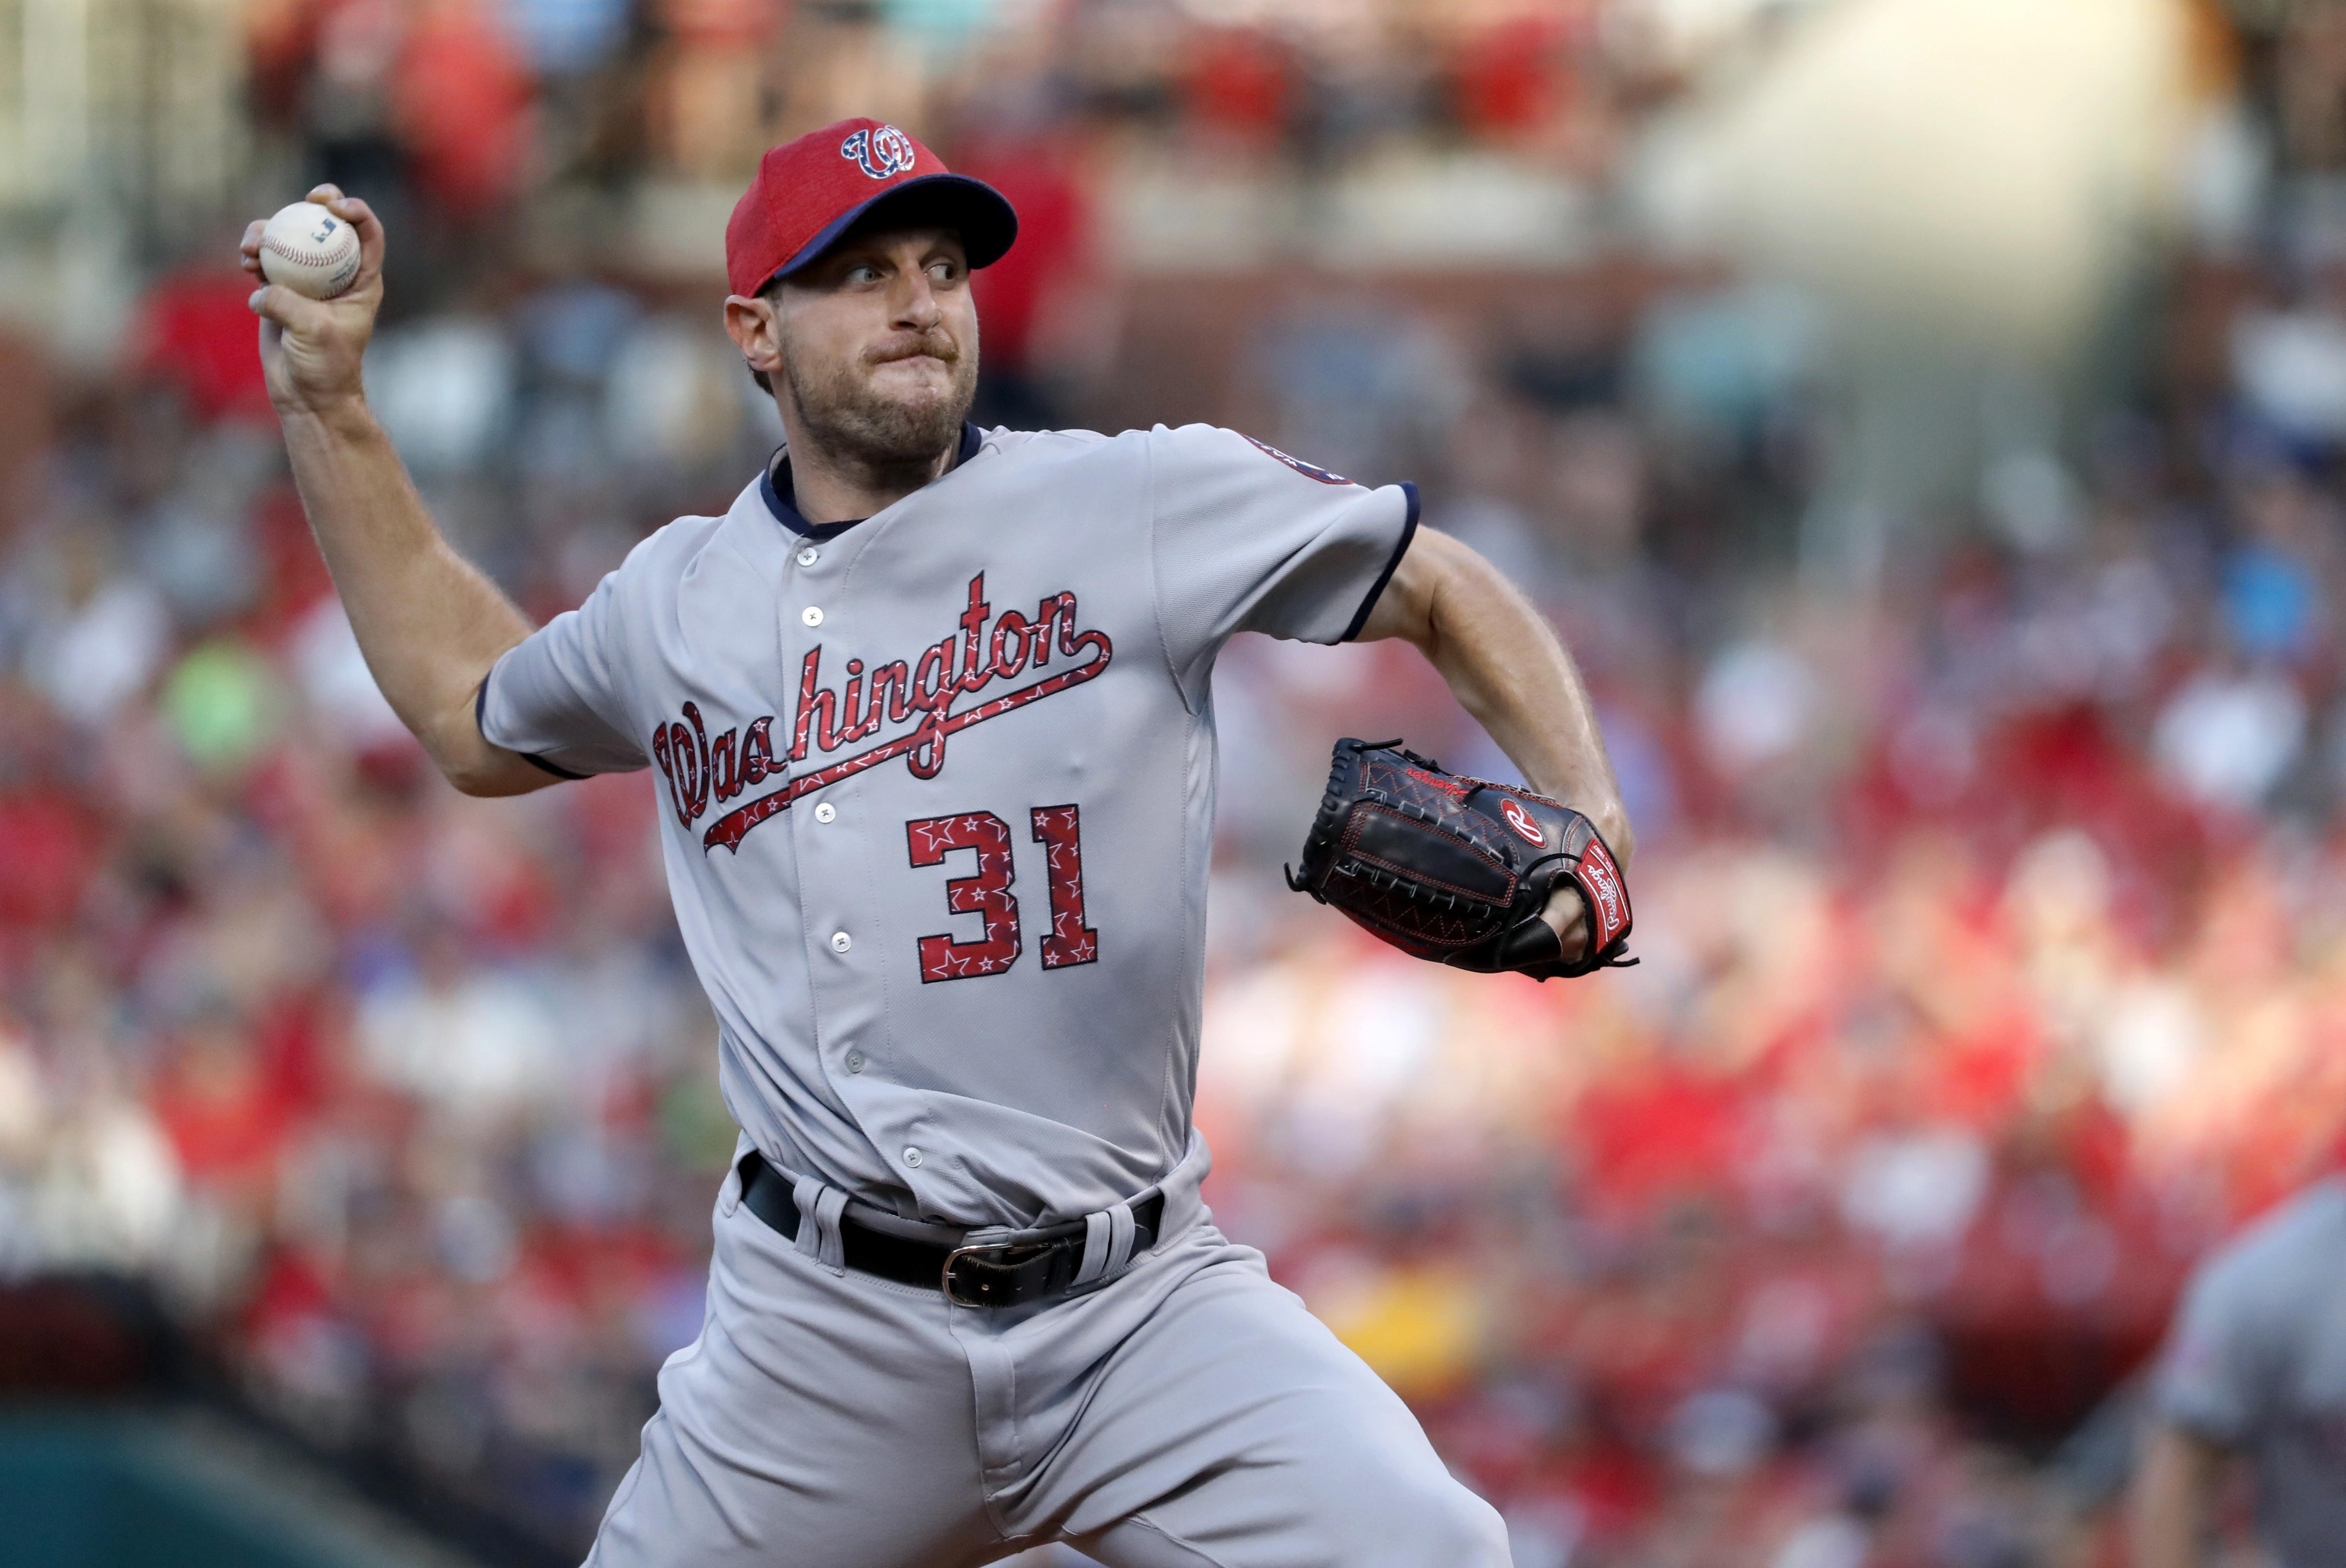 Nationals_cardinals_baseball_06947